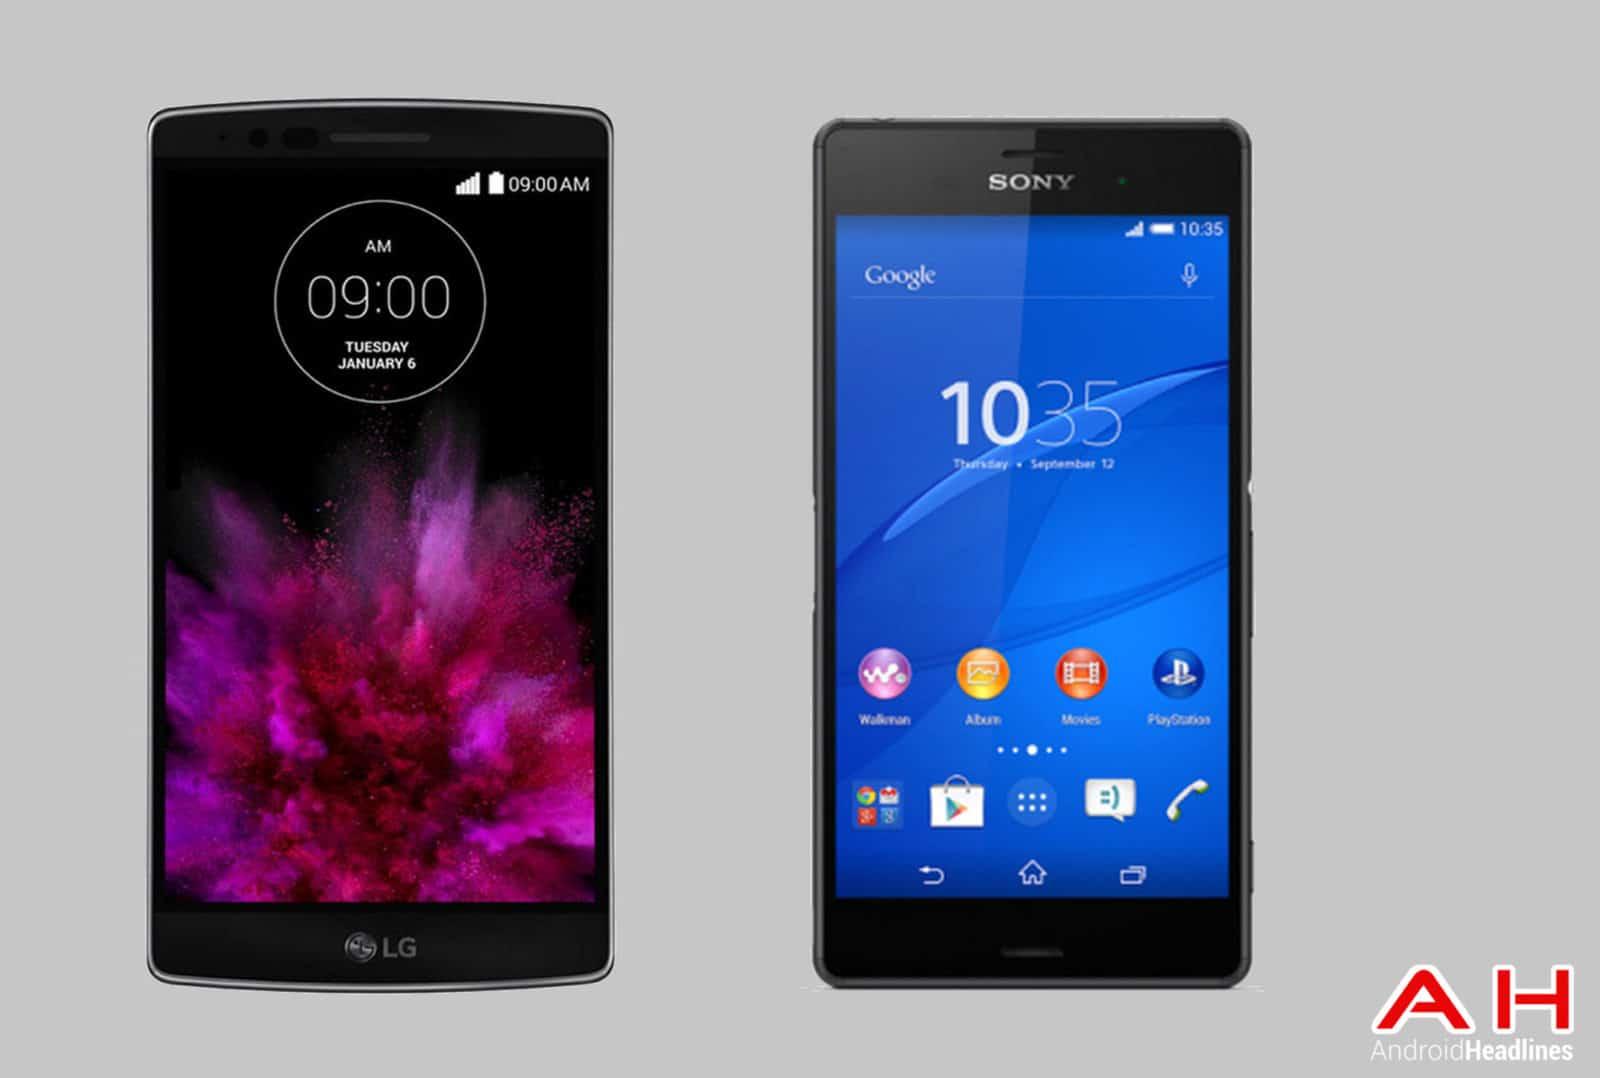 LG G Flex 2 vs Sony Xperia Z3 cam AH